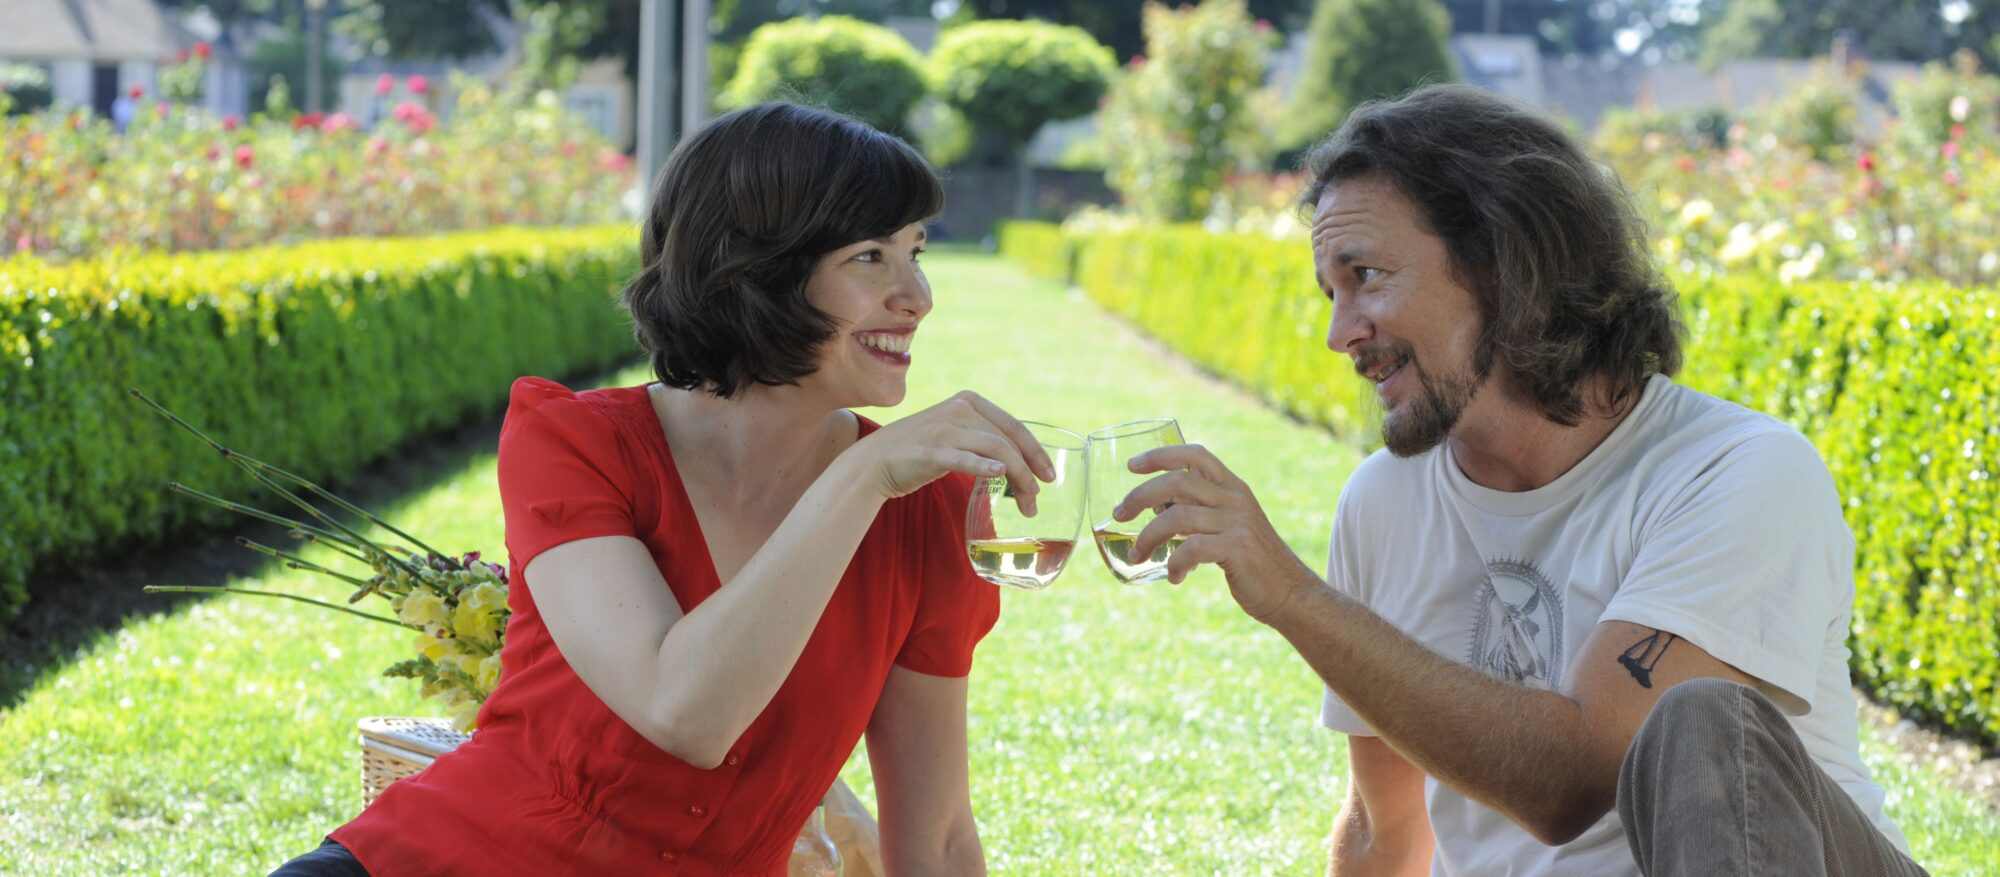 portlandia online dating